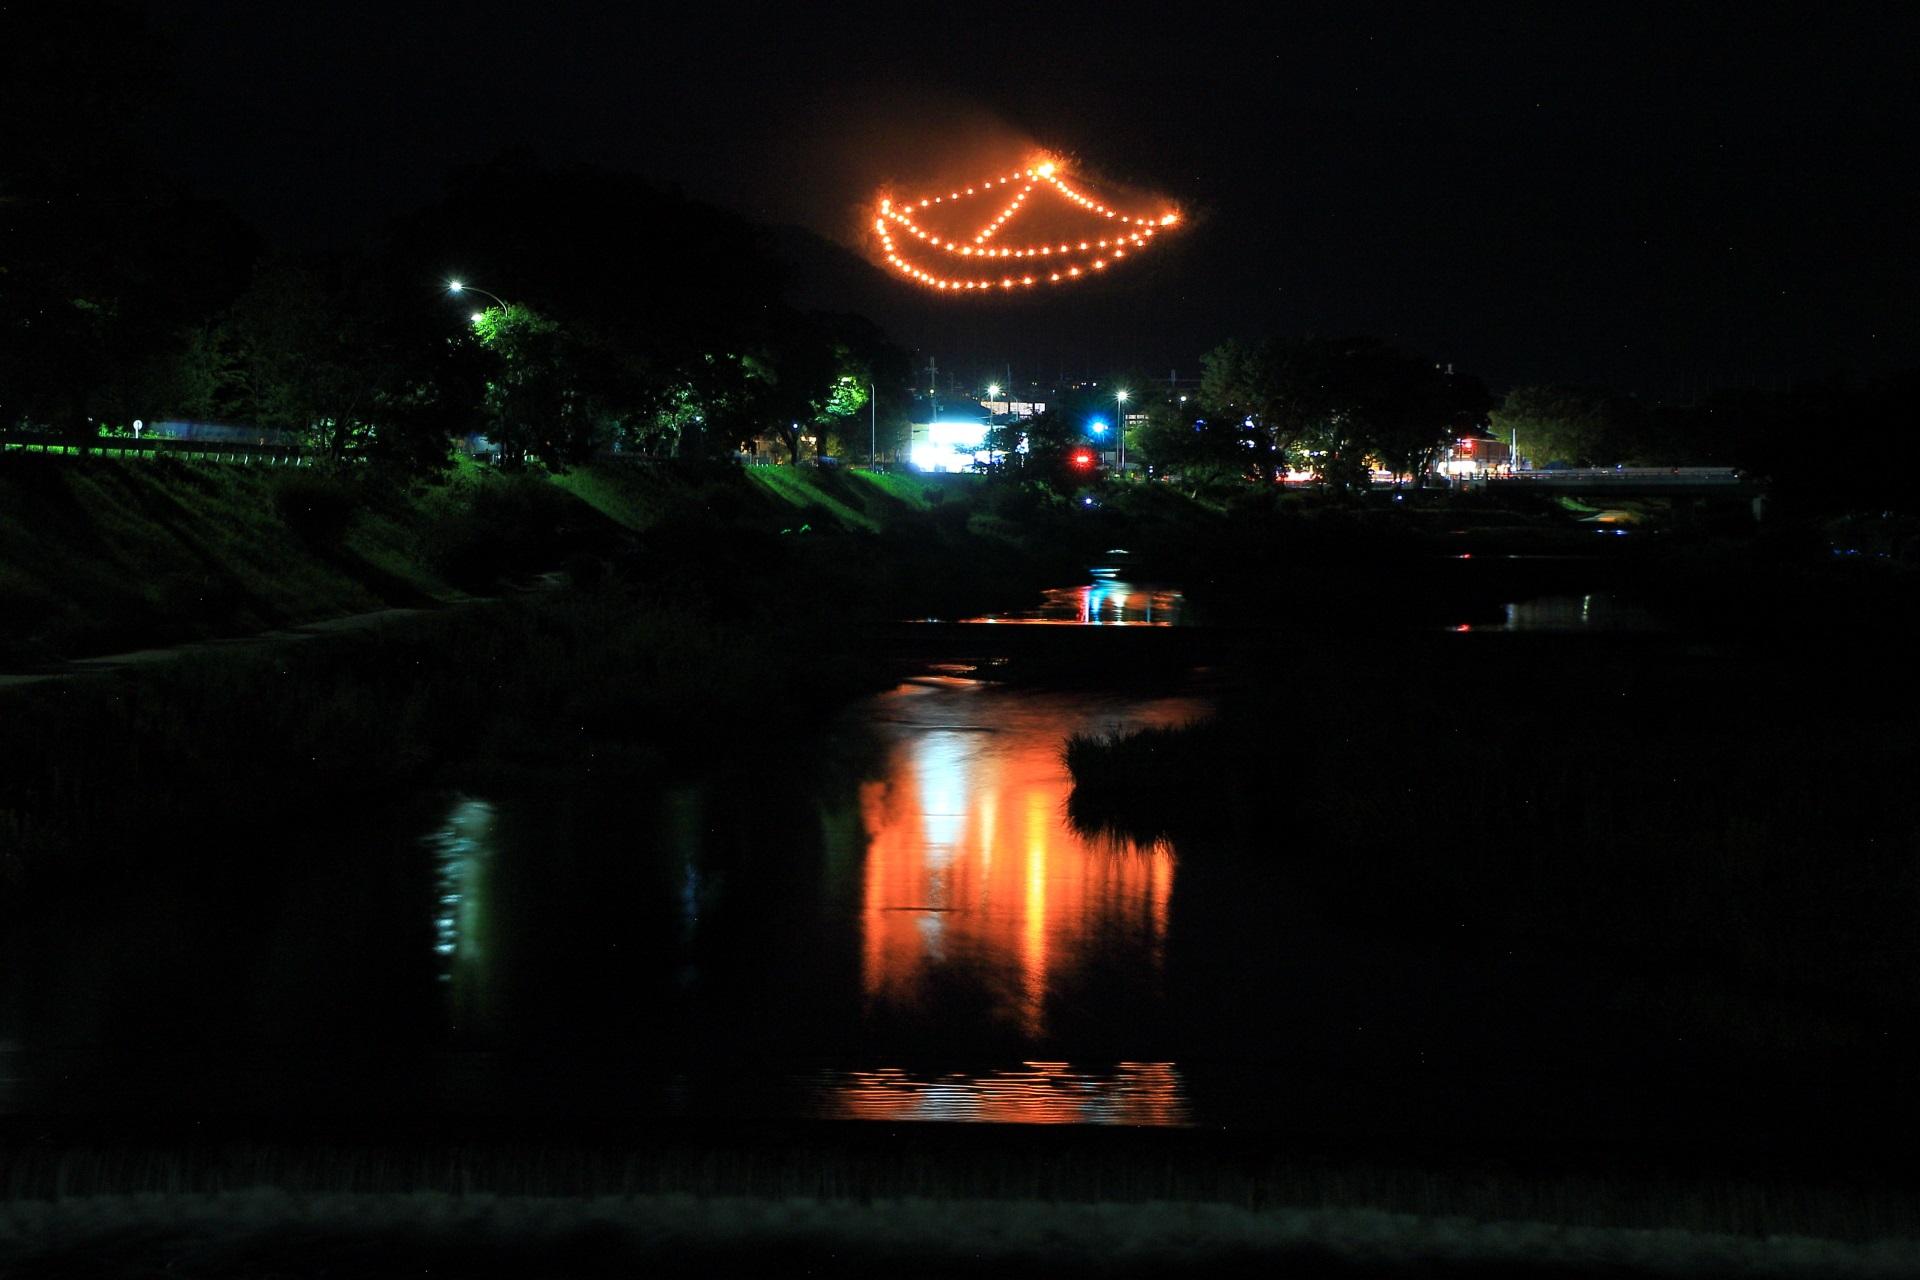 舟形の炎と賀茂川の水鏡